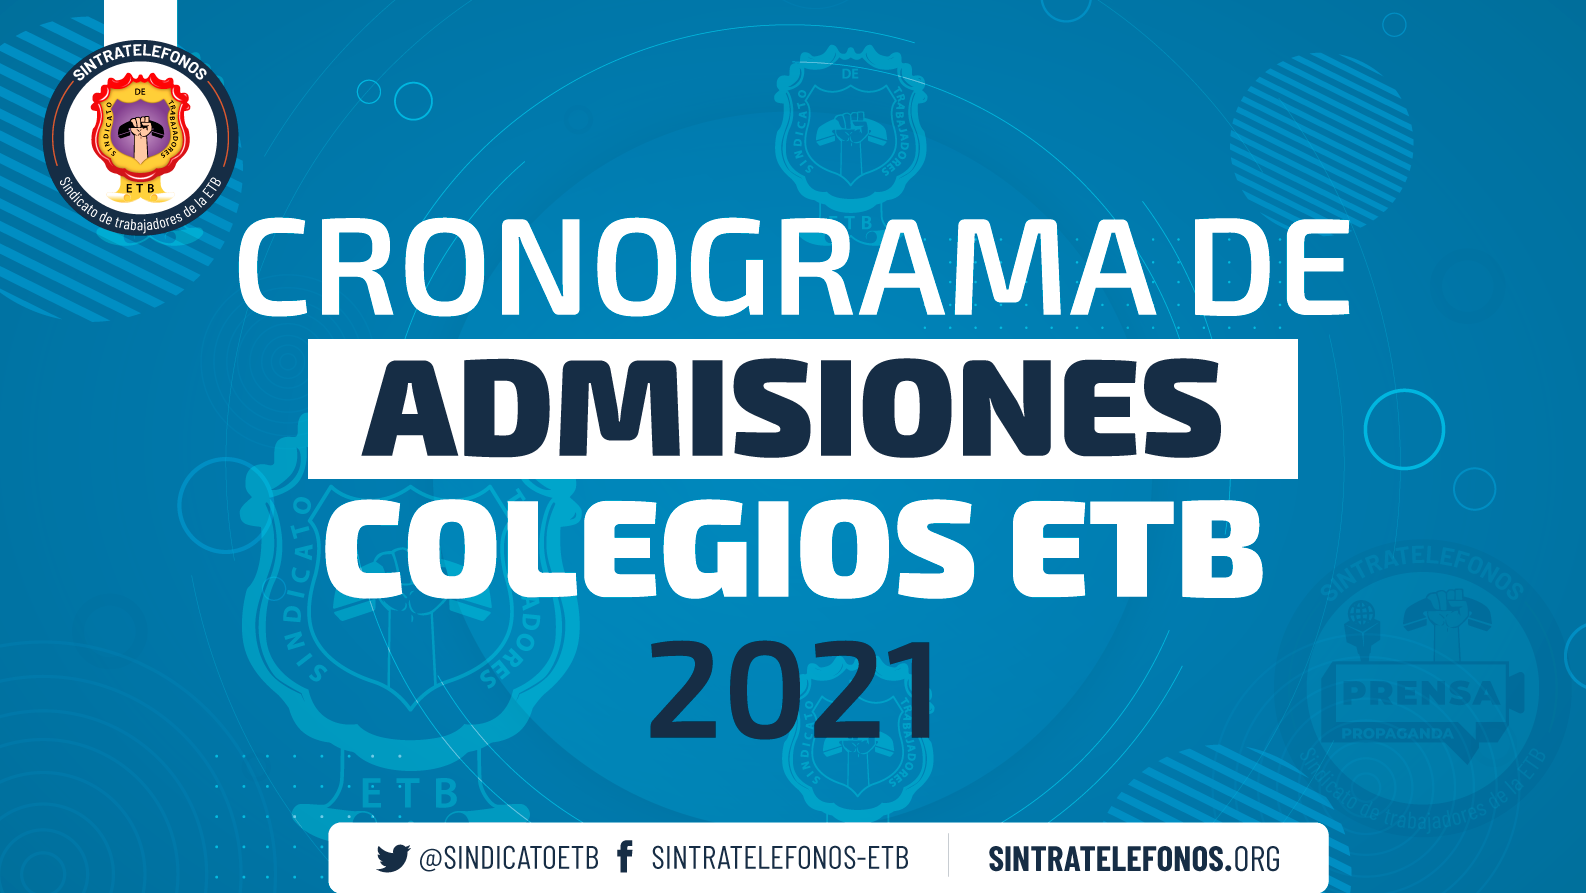 Cronograma de Admisiones Colegios ETB 2021